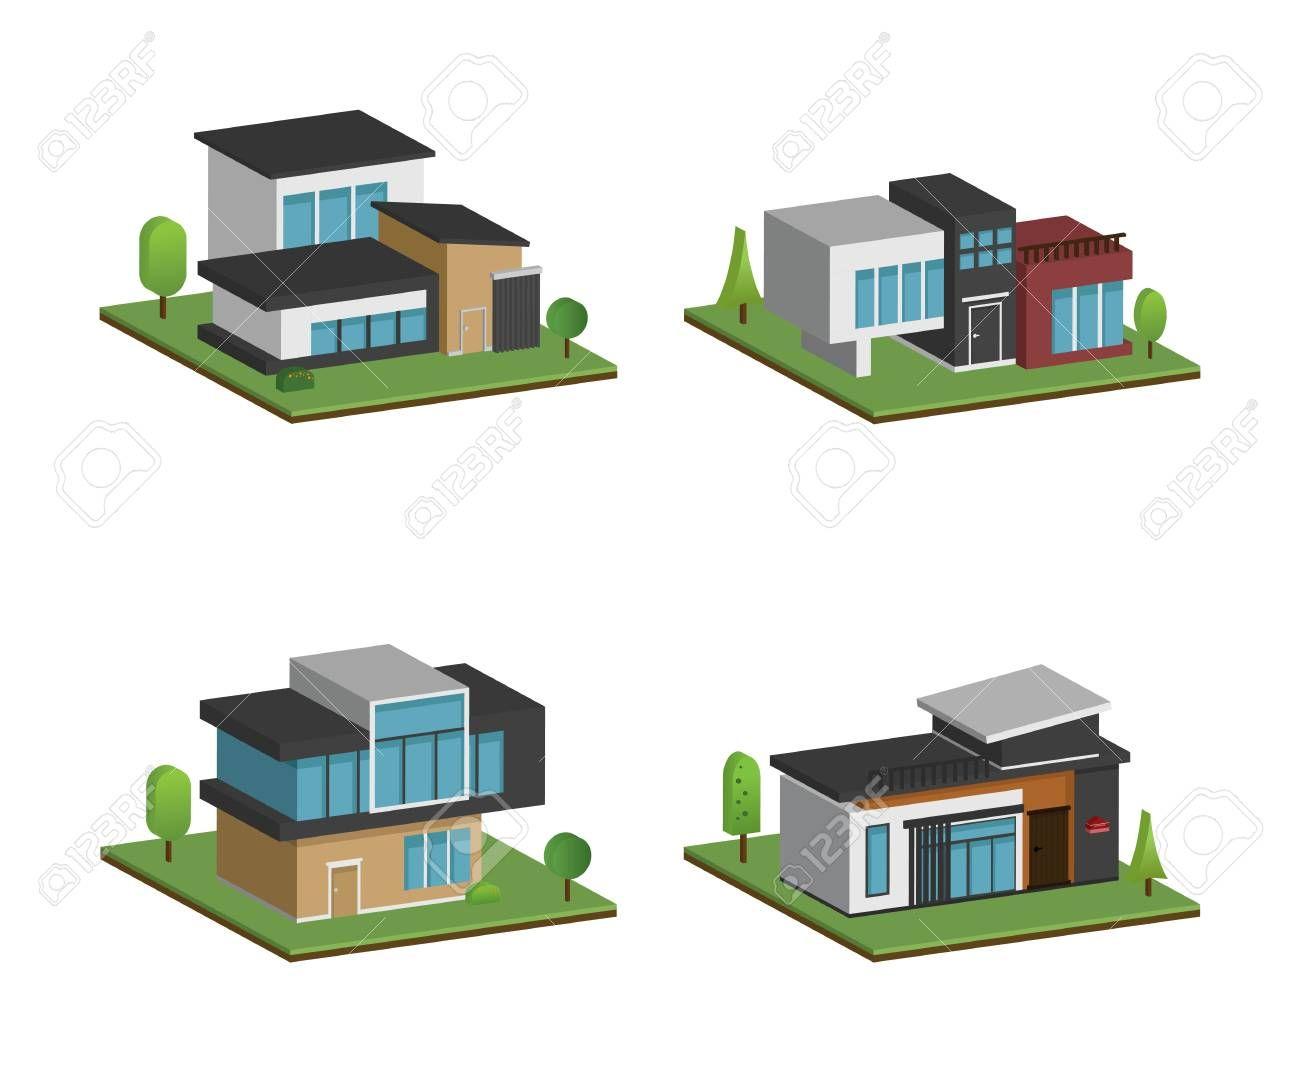 Real Estate Silver Logo Design. 3D Rendering Illustration #estate #house  #real #home #archi…   House logo design, Professional logo design, Real  estate logo design